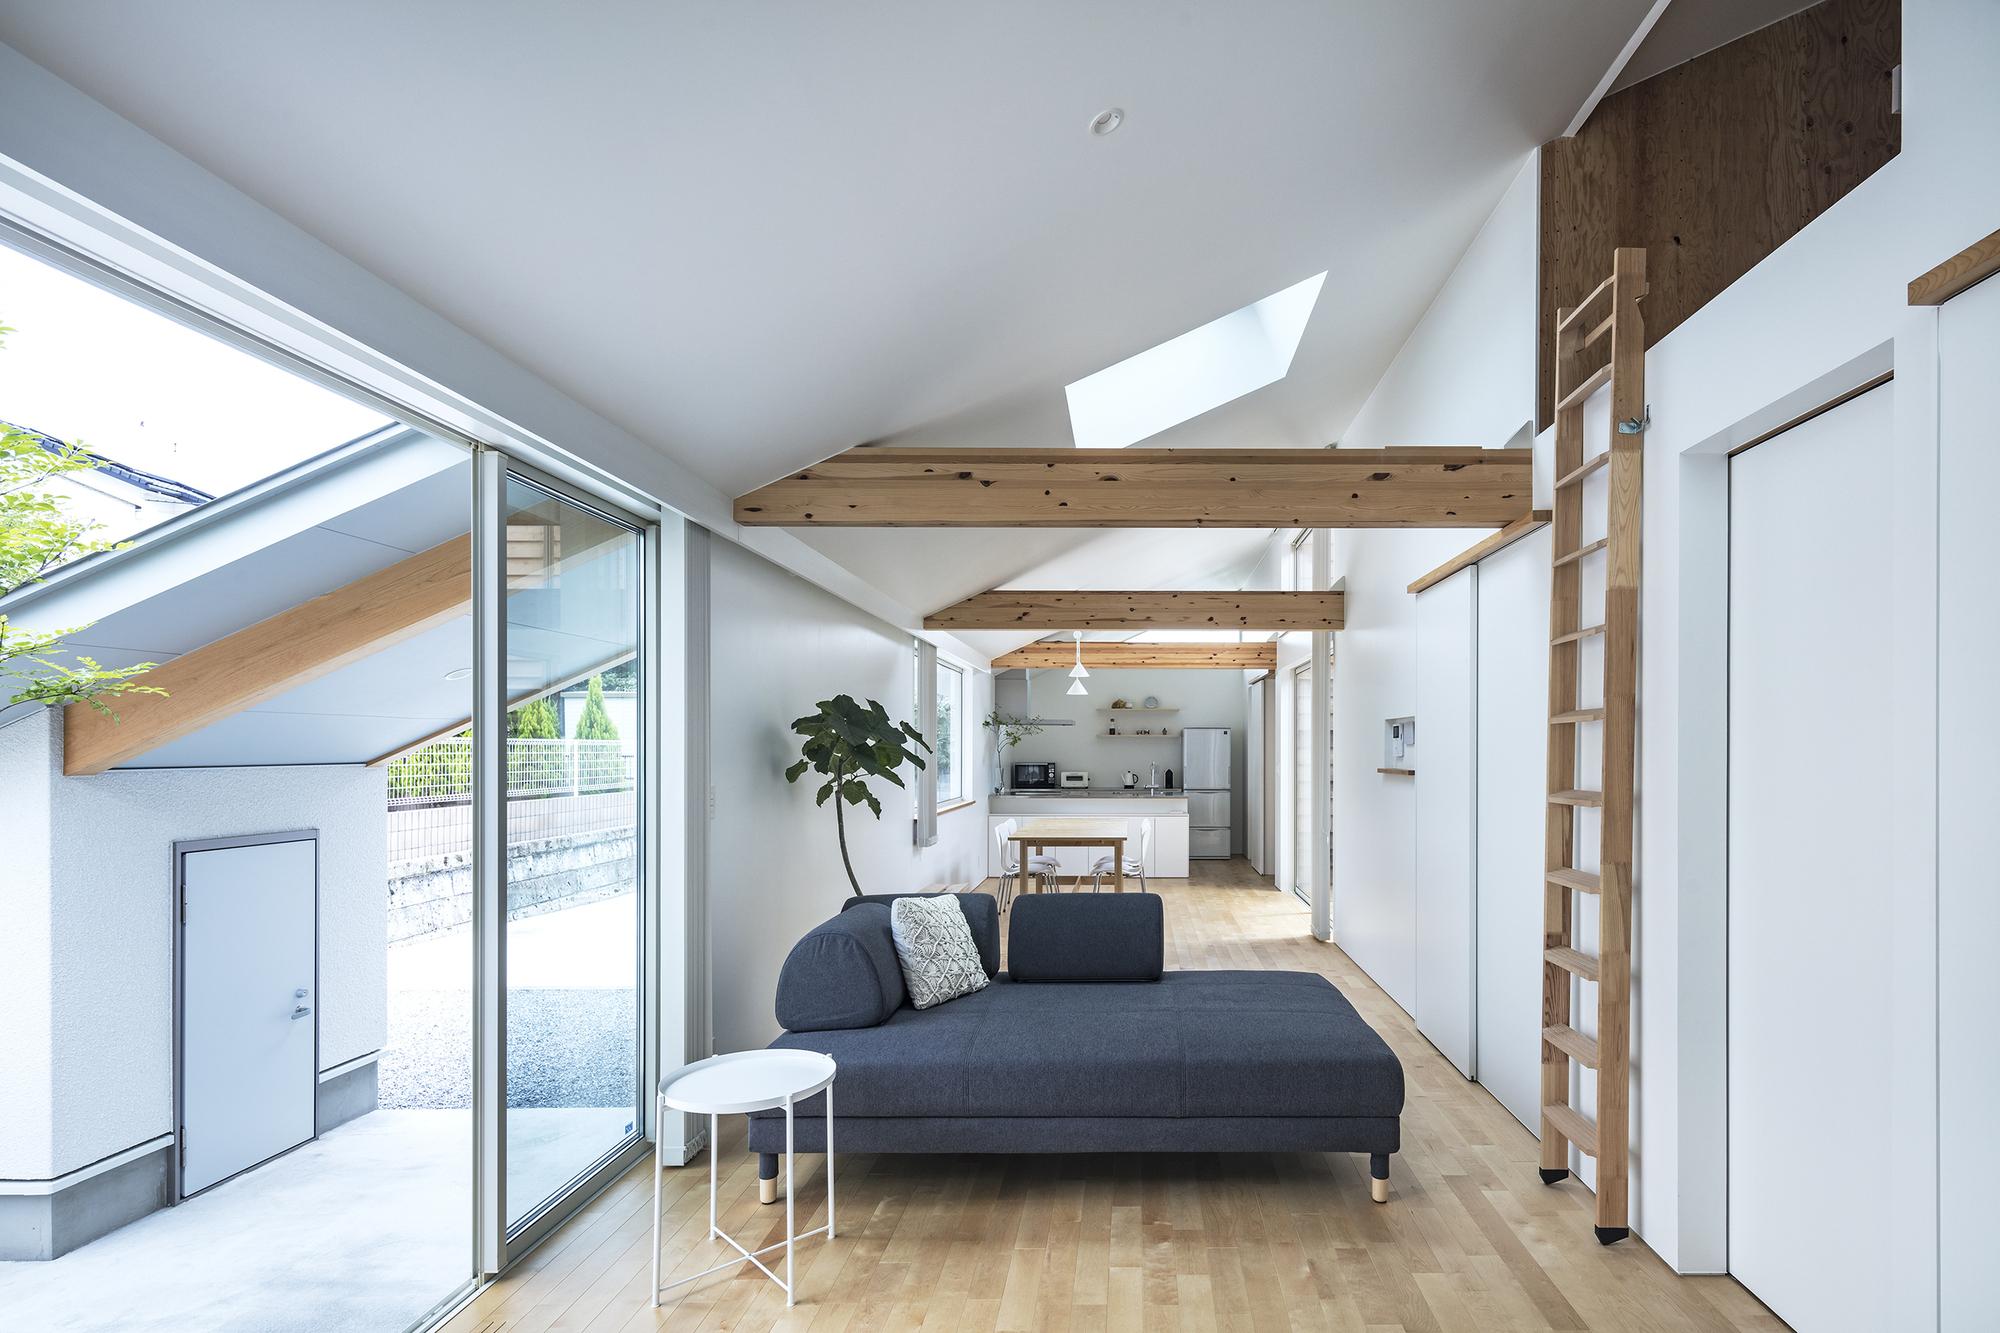 Nishinomiya・House D / Yuichi Yoshida & Associates